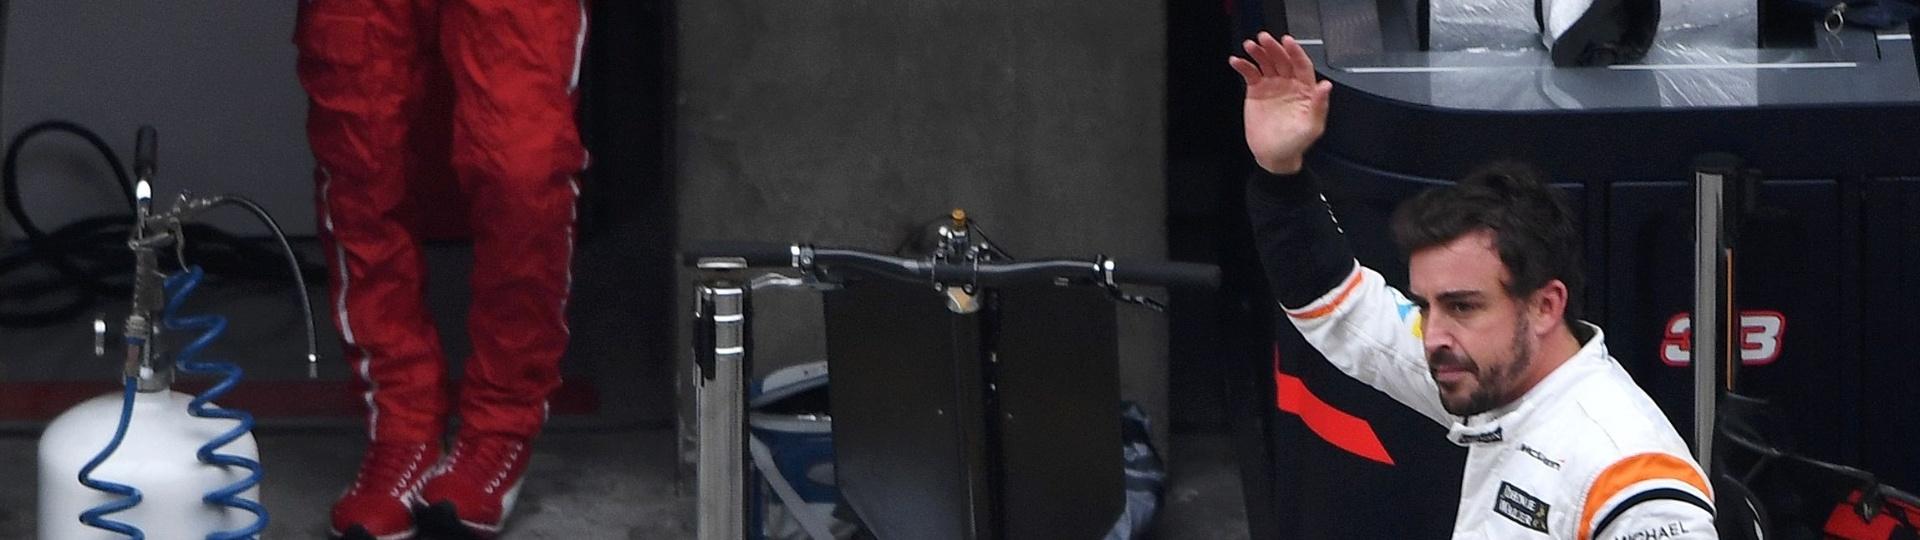 Fernando Alonso, da McLaren, caminha pelo paddock com ar desamparado após abandonar no GP da China